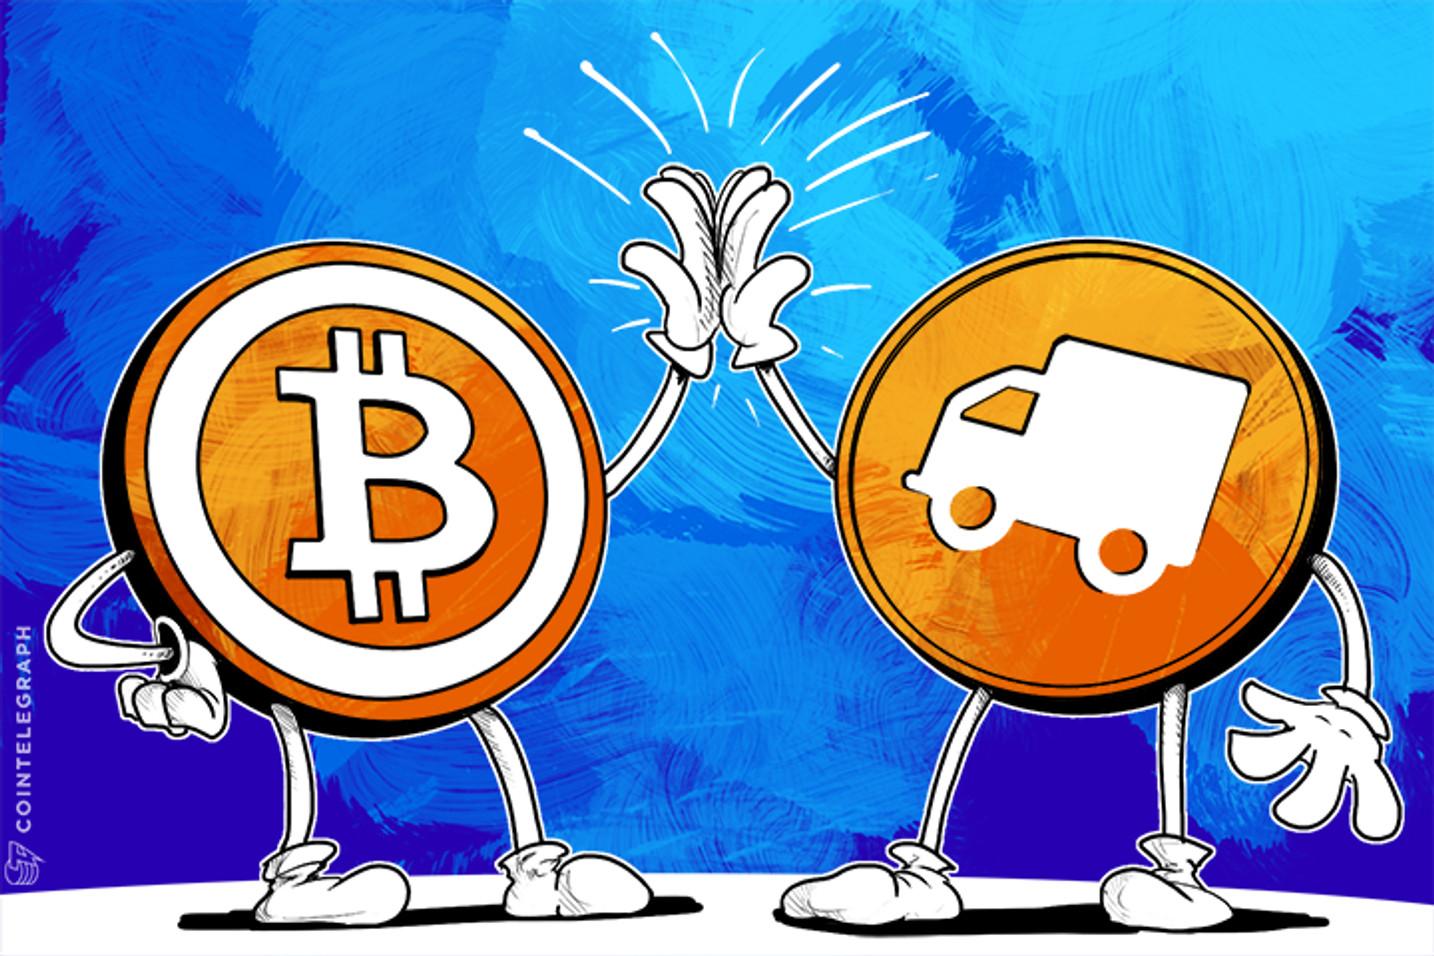 Bitcoin Delivers: Closing the Gap Between E-Commerce & BTC